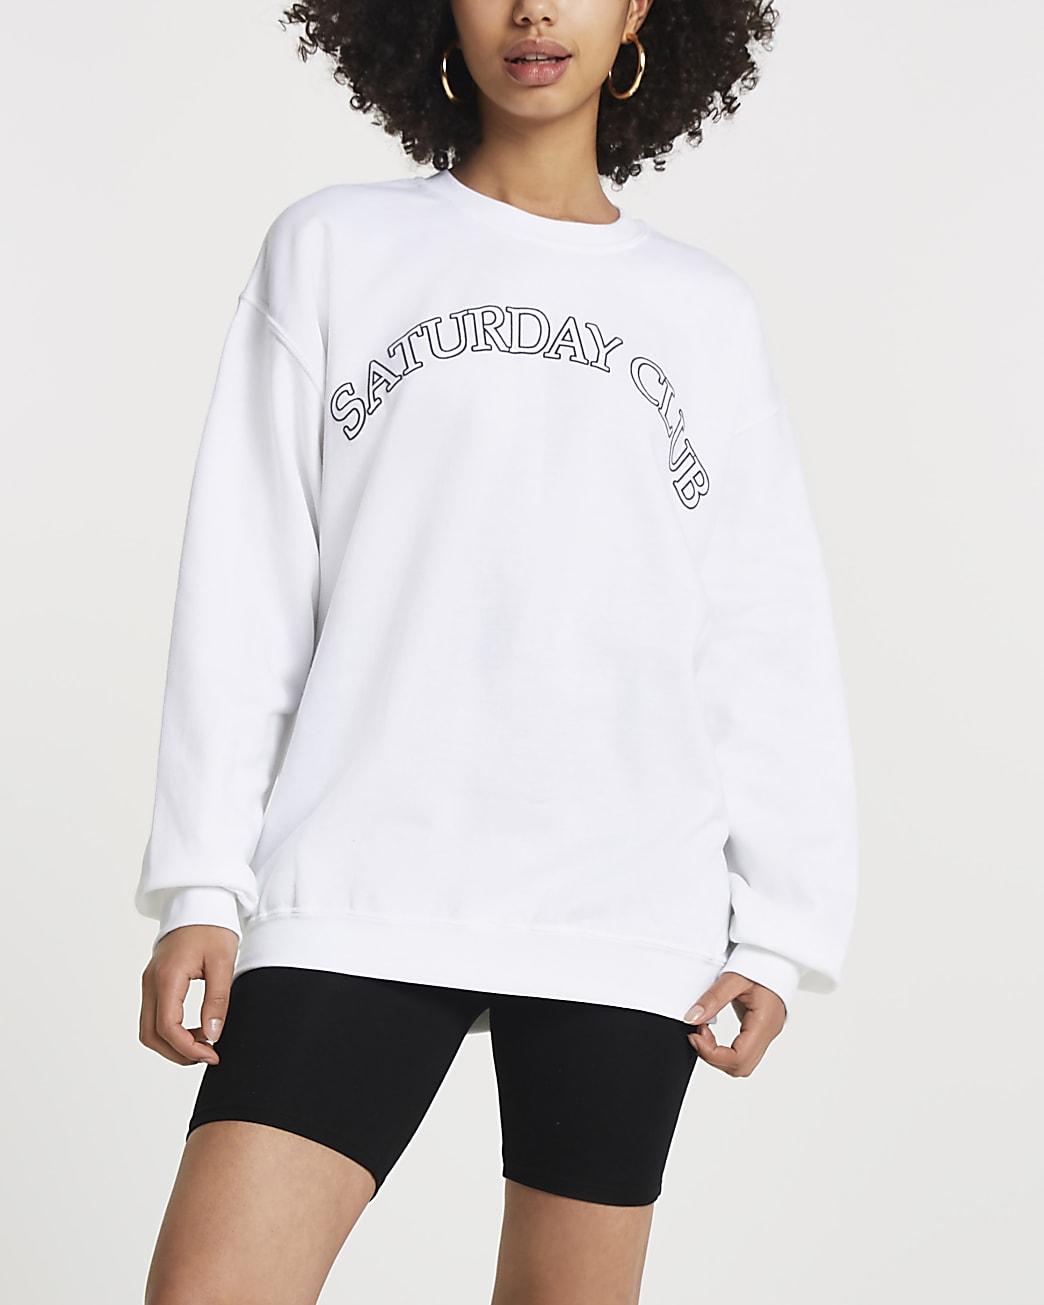 White 'Saturday Club' long sleeve sweatshirt